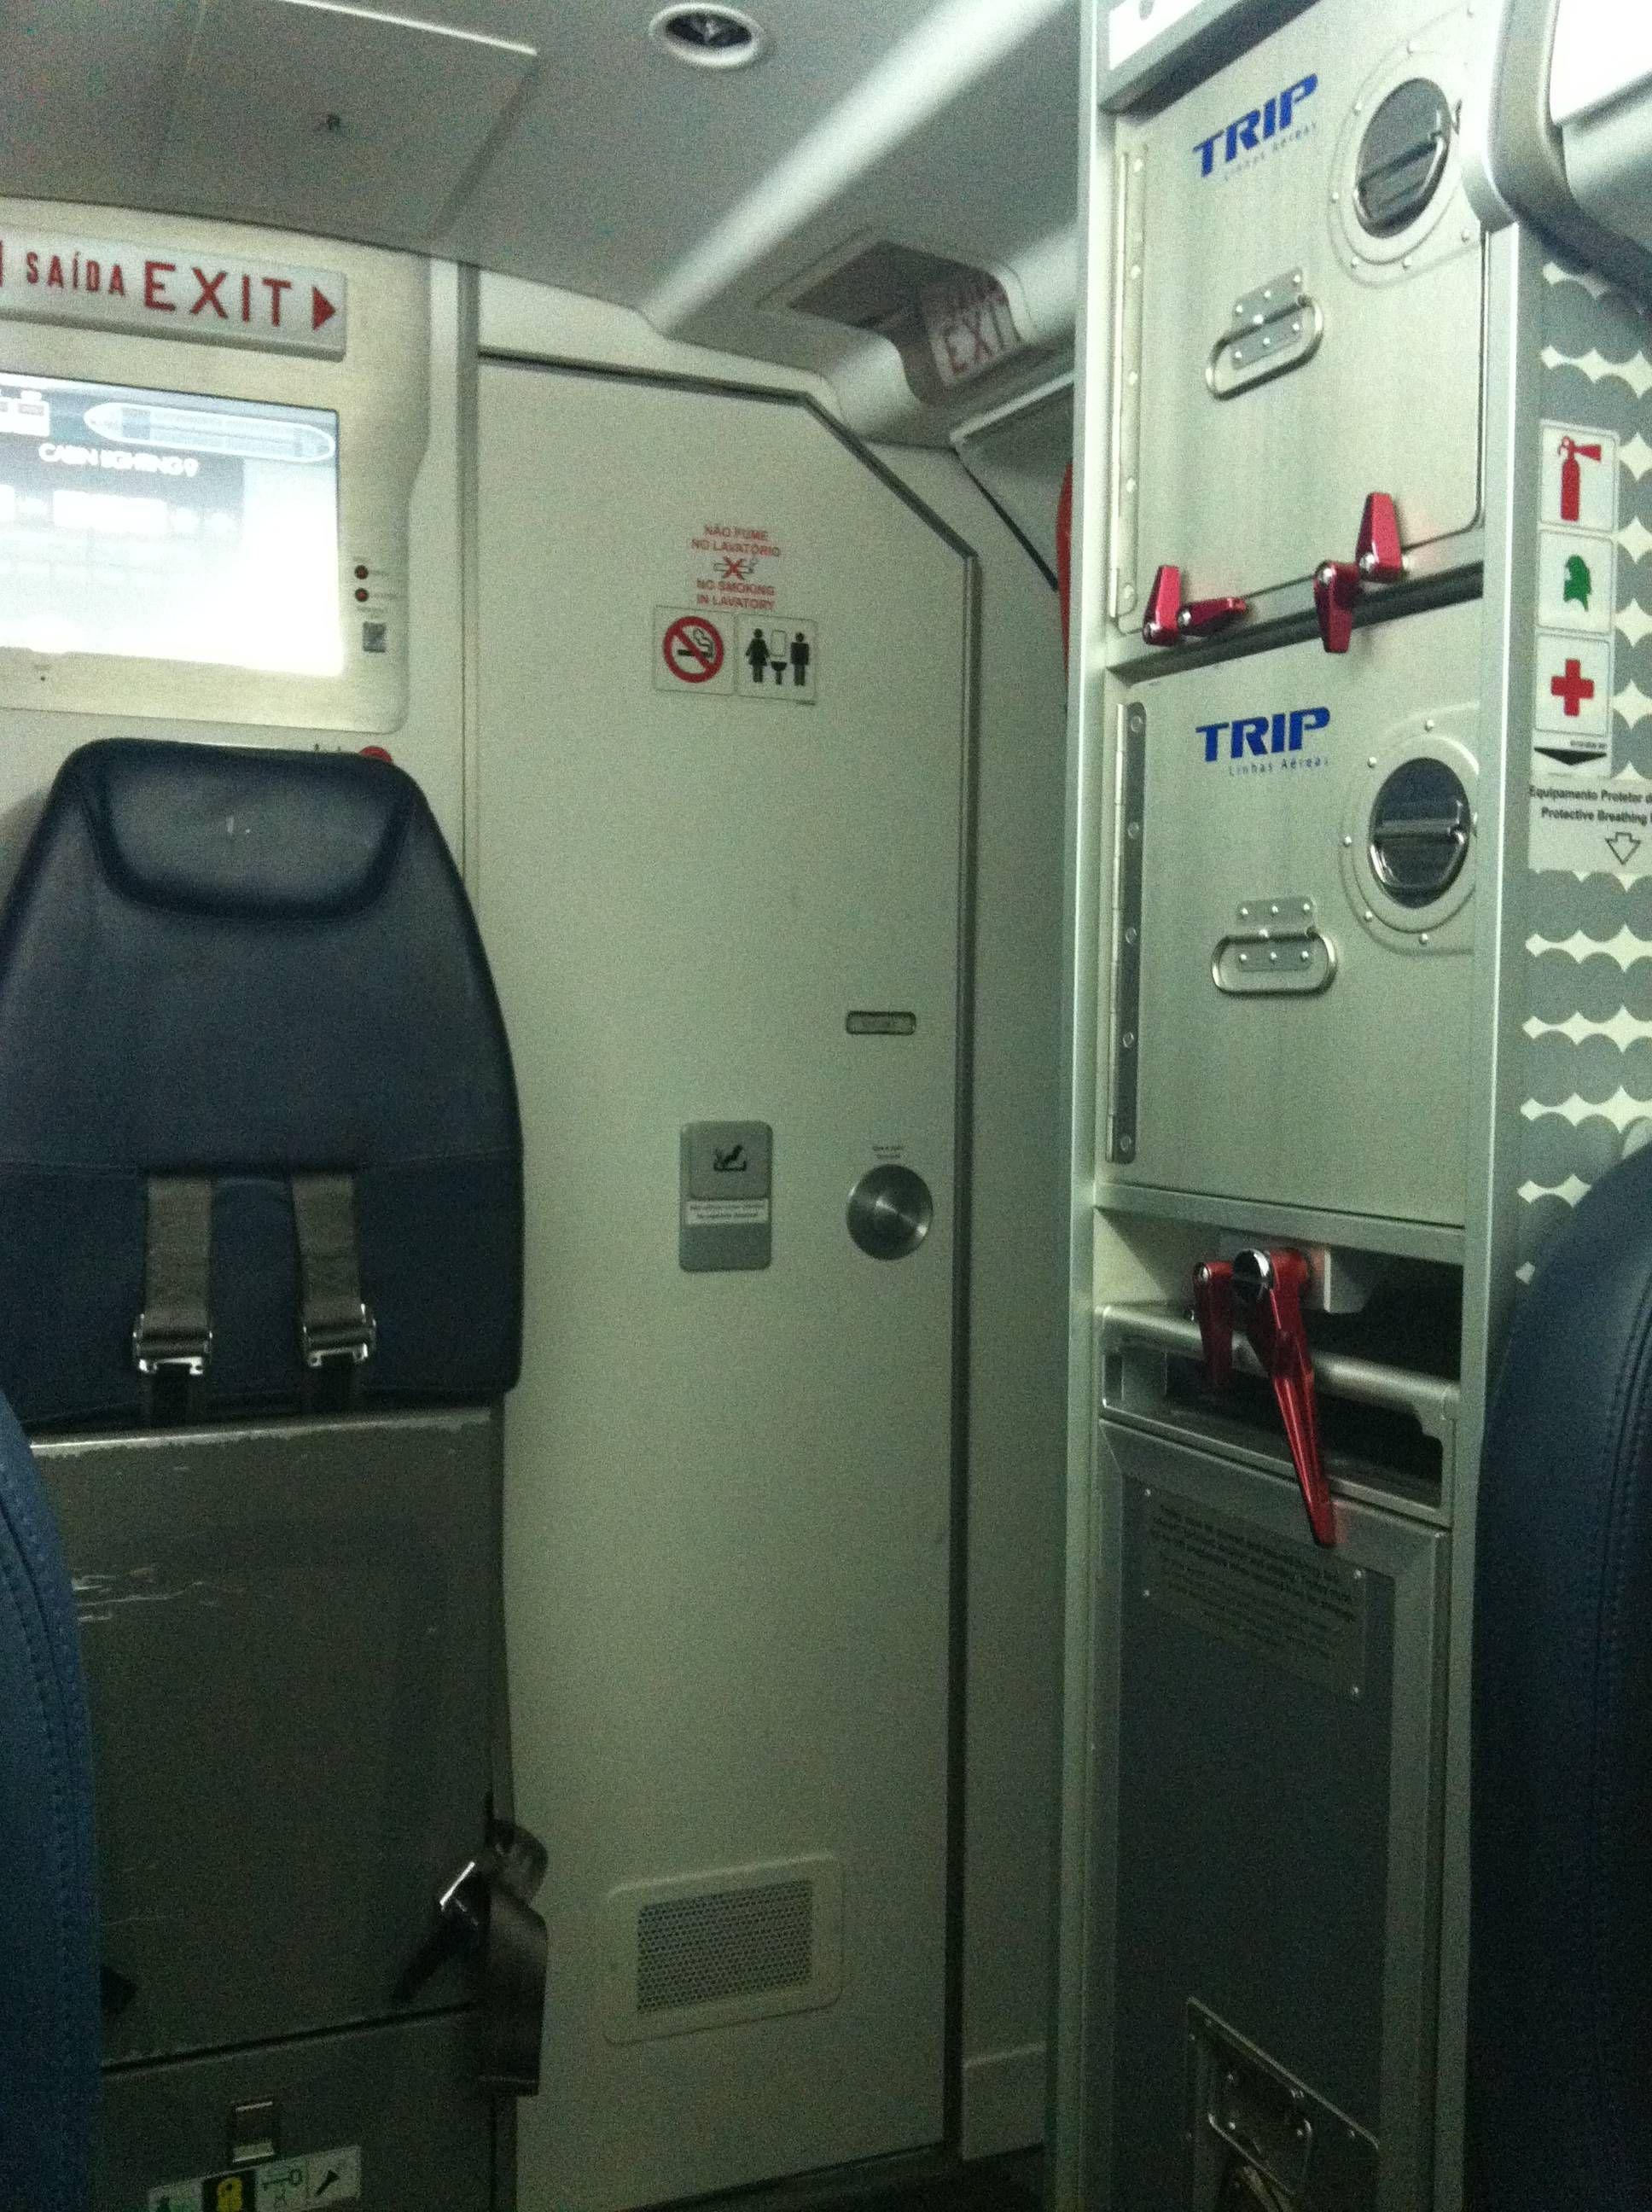 ao lado da escada do avião e também do banheiro #713636 1936x2592 Banheiro De Avião Como Funciona